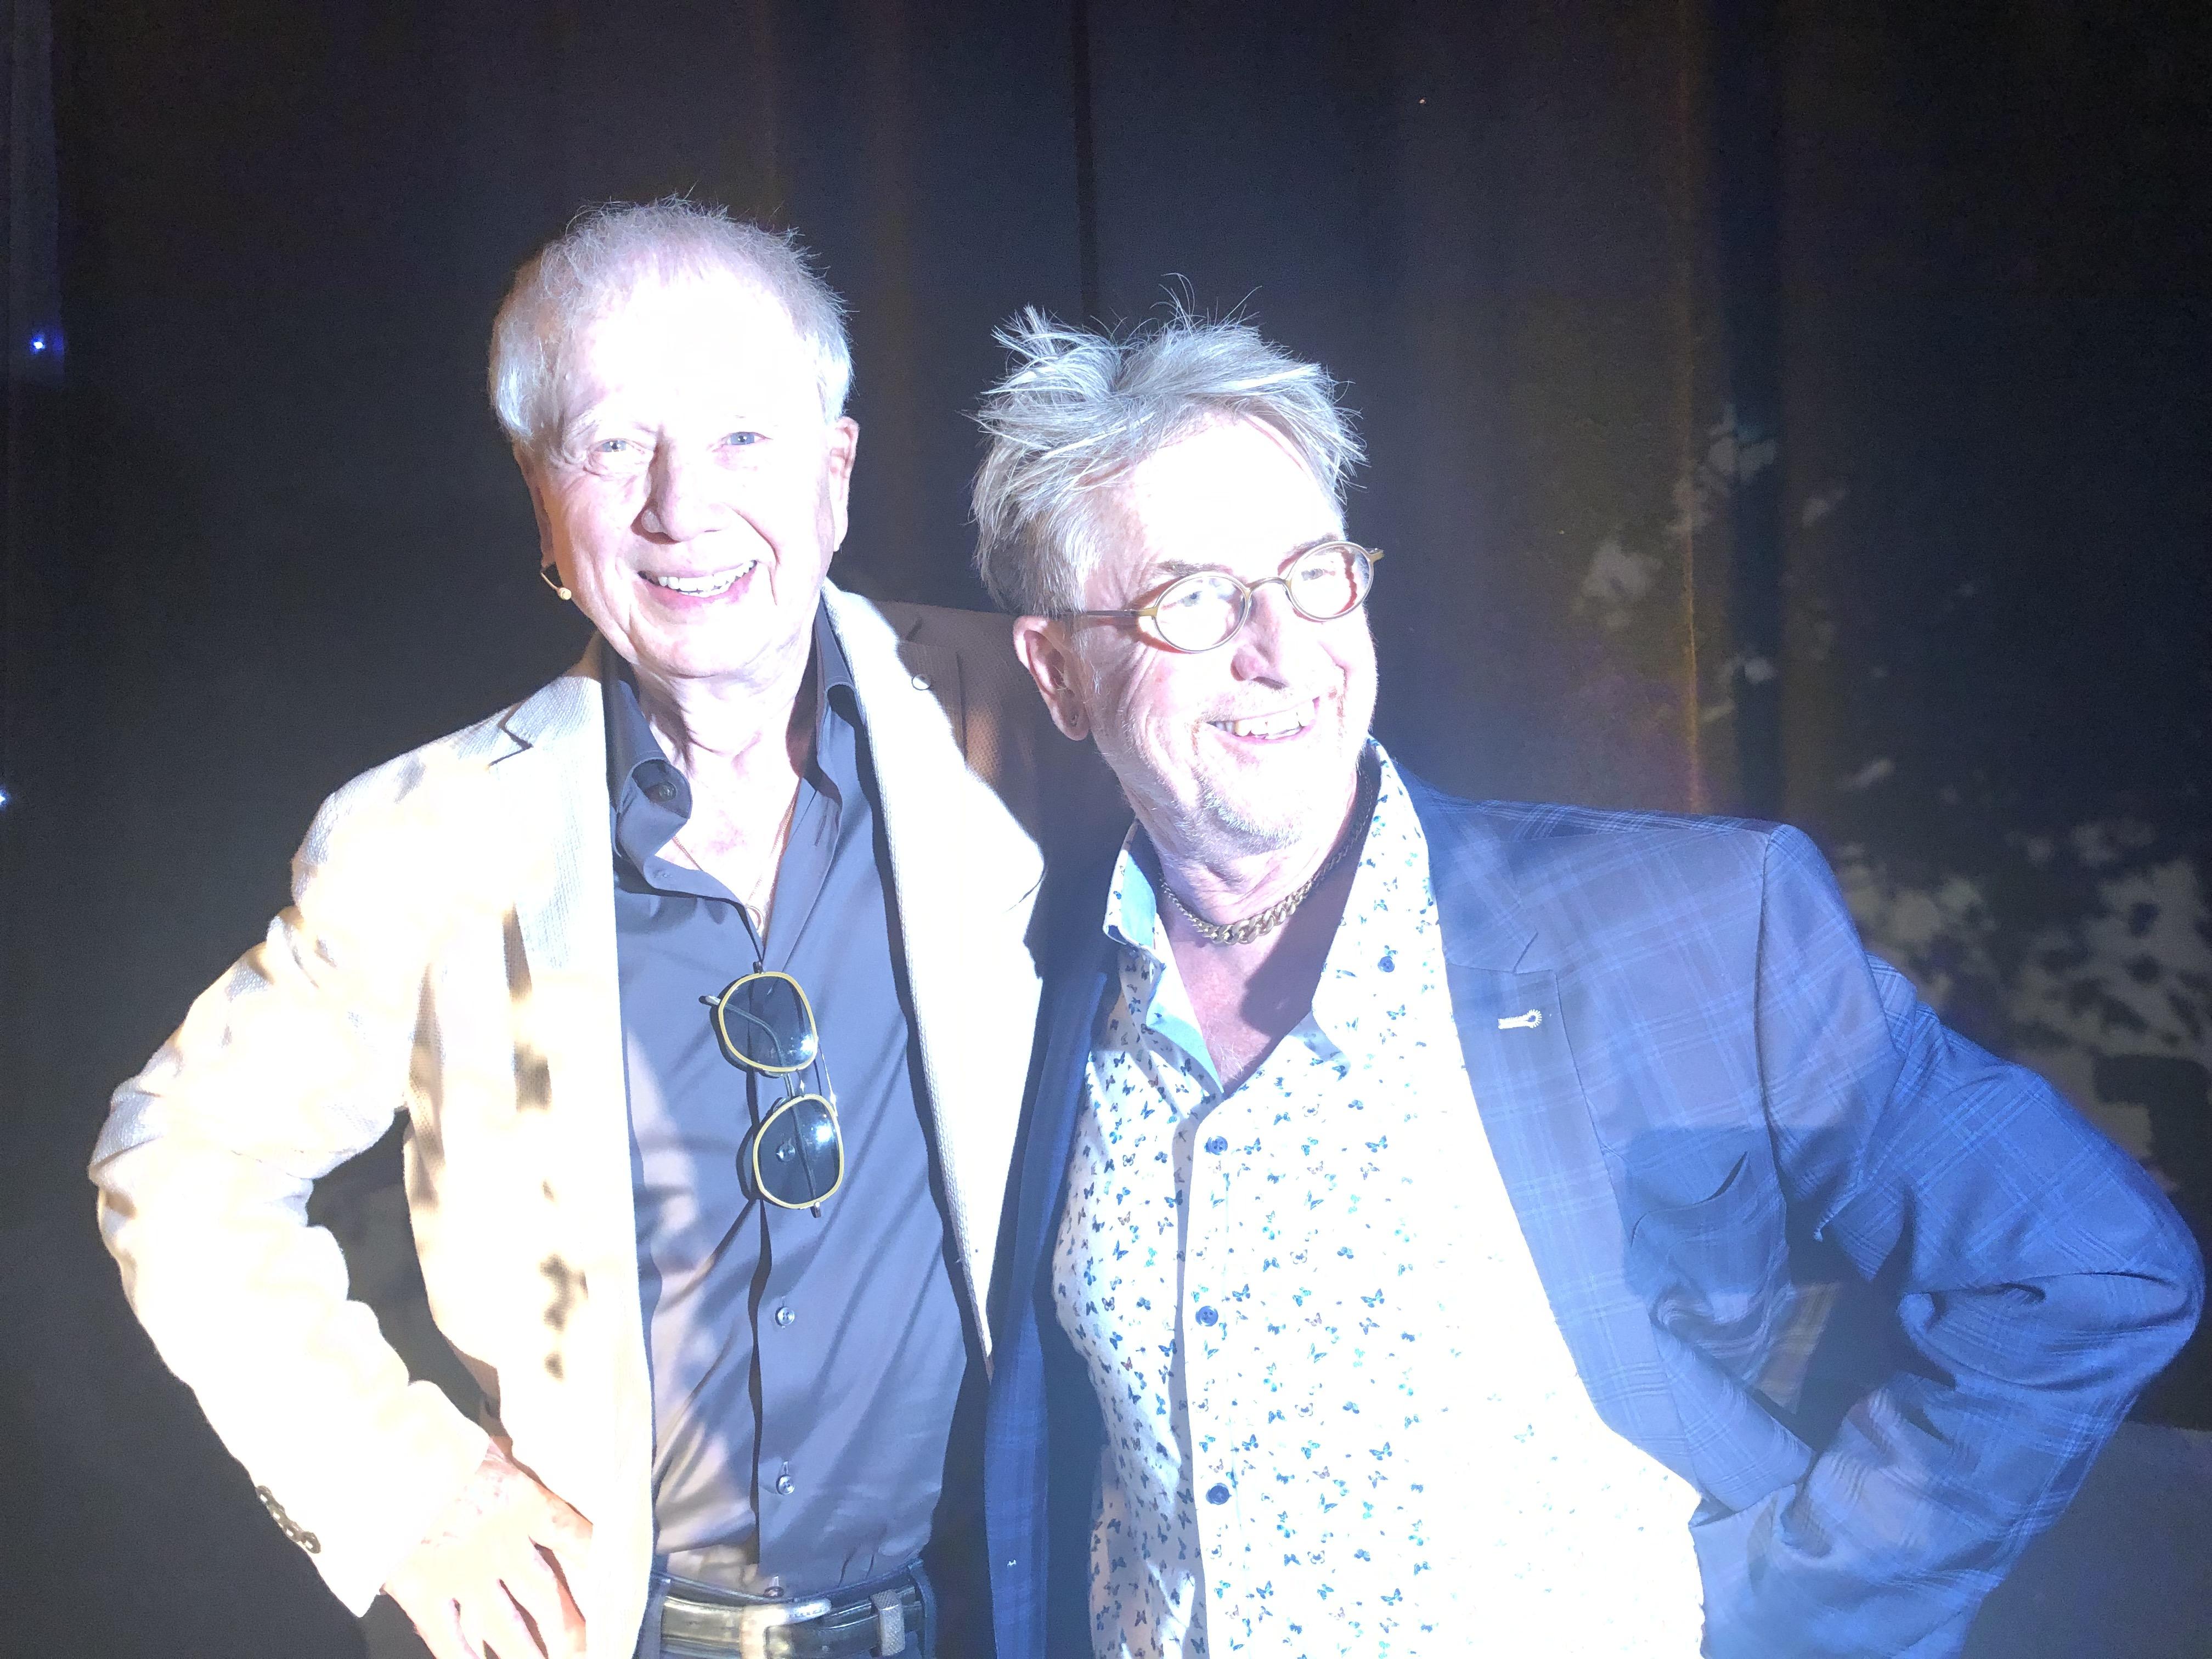 Martin Semmelrogge mit Wolfgang Petersen